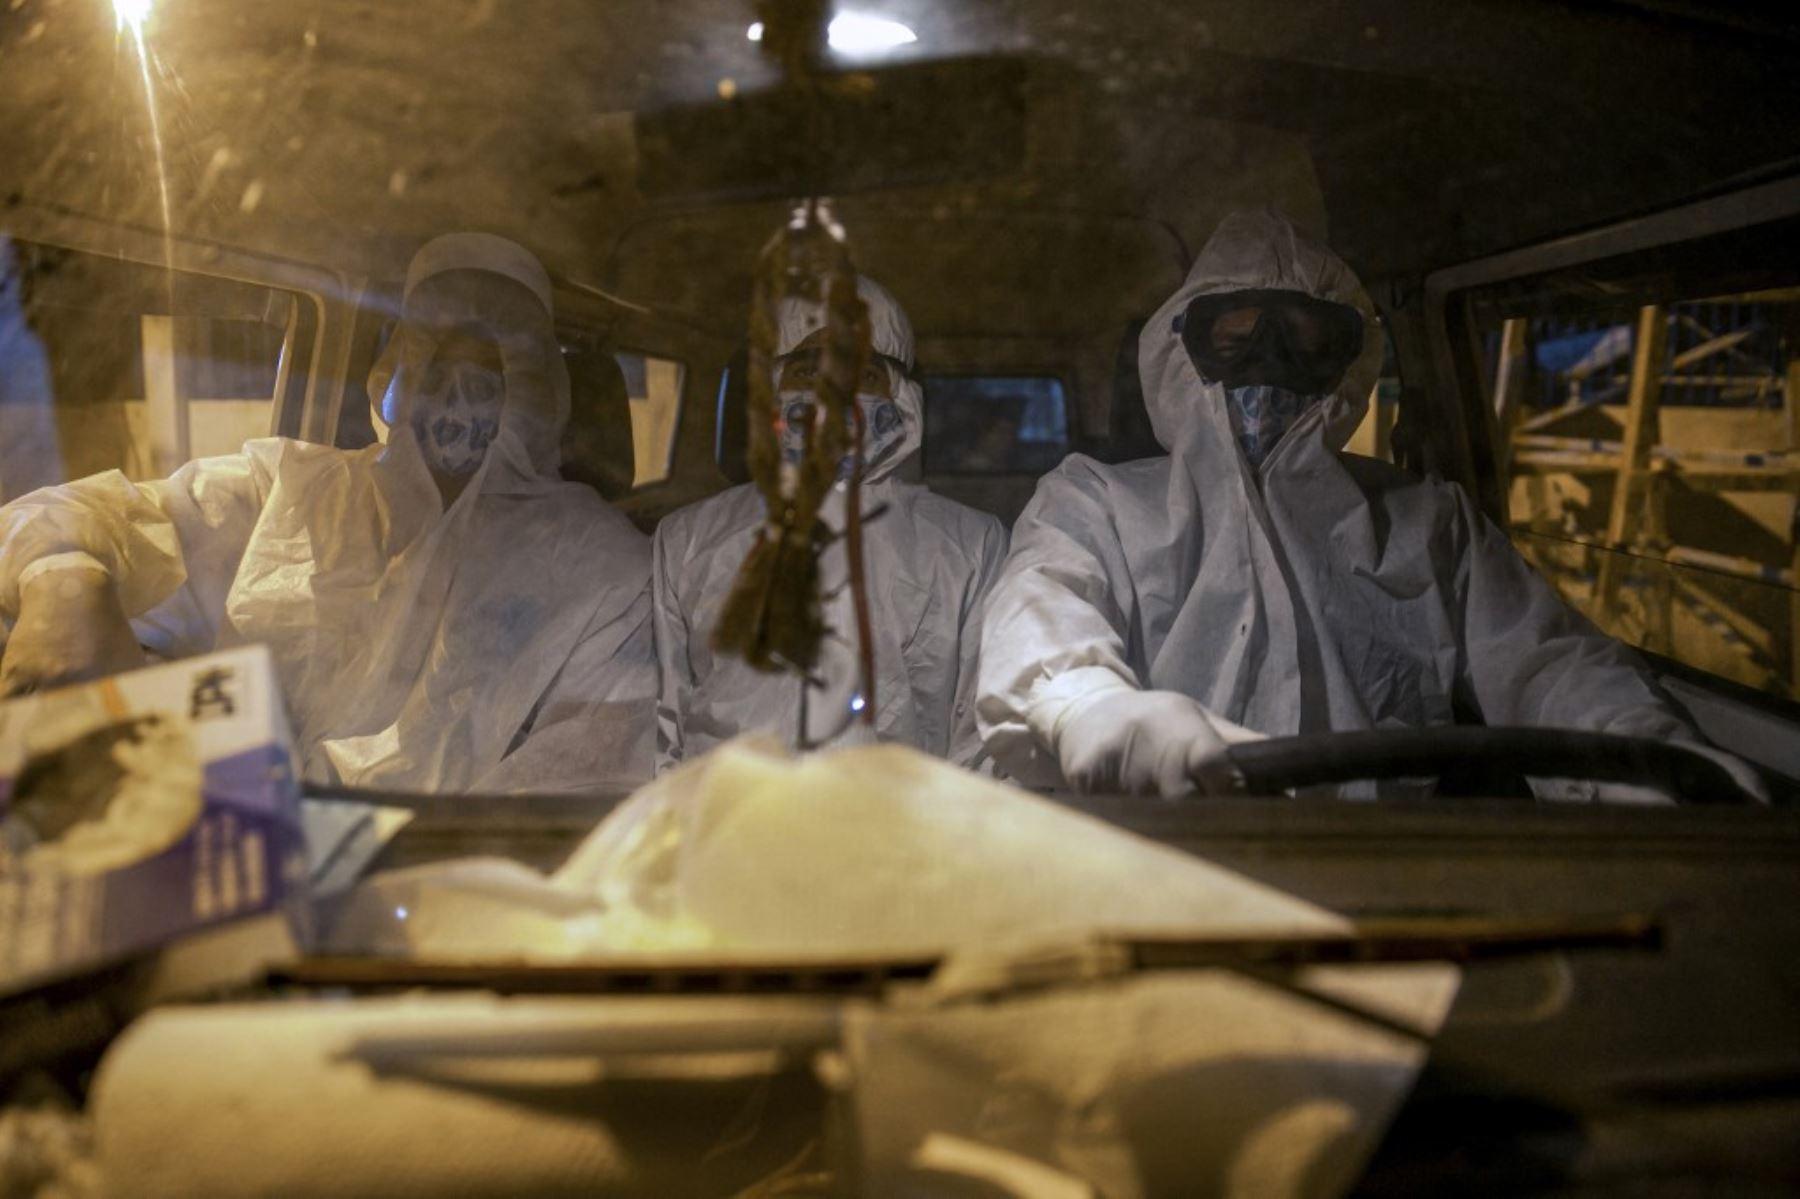 Los sepultureros con ropa protectora llegan al automóvil de una casa funeraria en el cementerio municipal de Recanto da Paz para enterrar a una víctima del nuevo coronavirus COVID-19. Foto: AFP